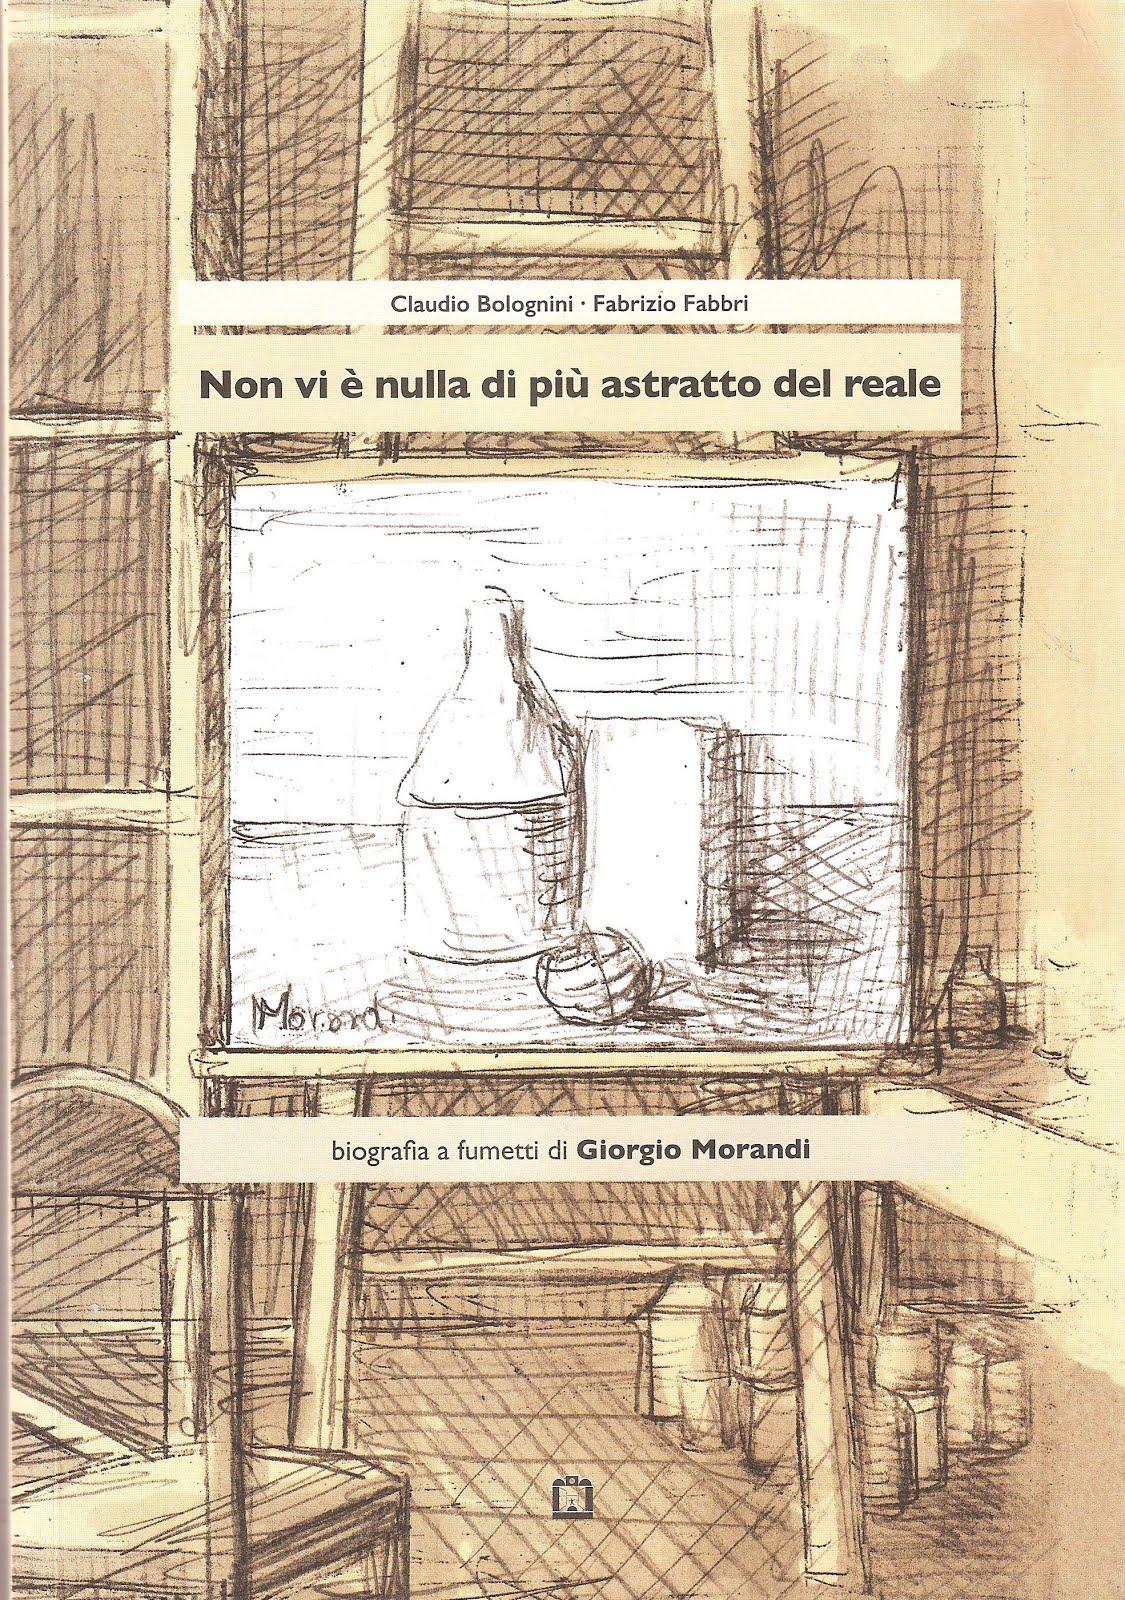 NON VI E' NULLA DI PIU' DI ASTRATTO DEL REALE